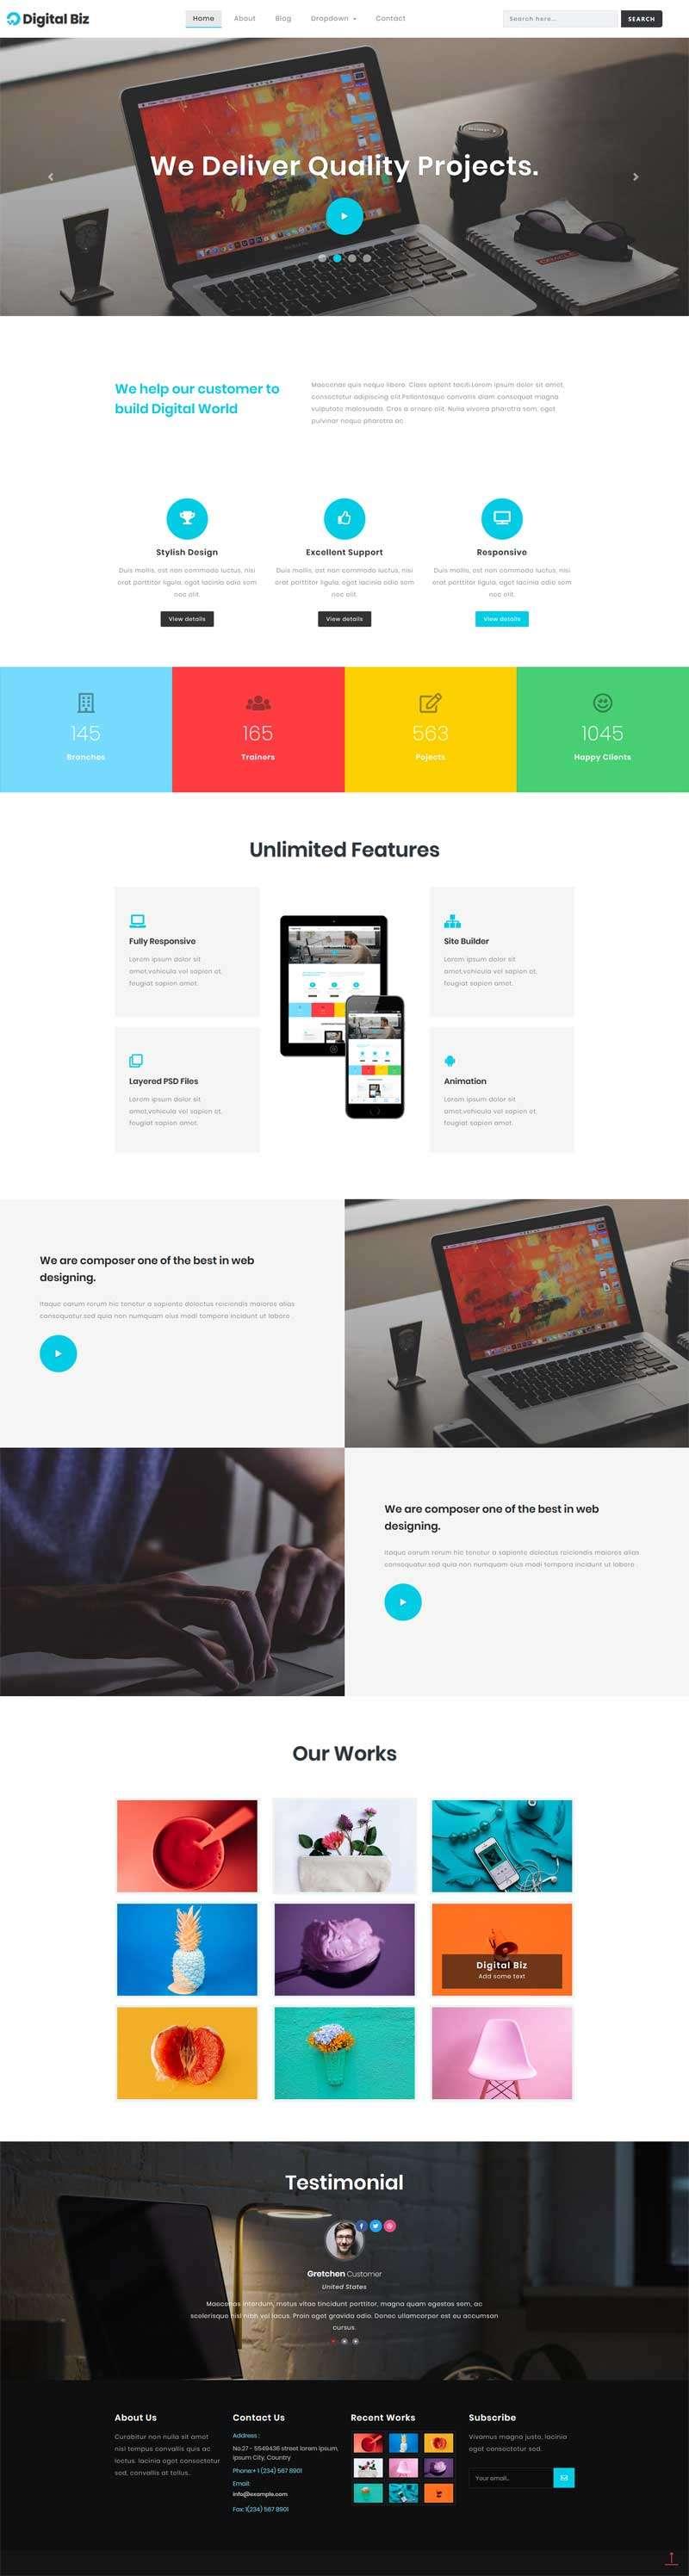 宽屏的商务科技公司网站html5动画模板